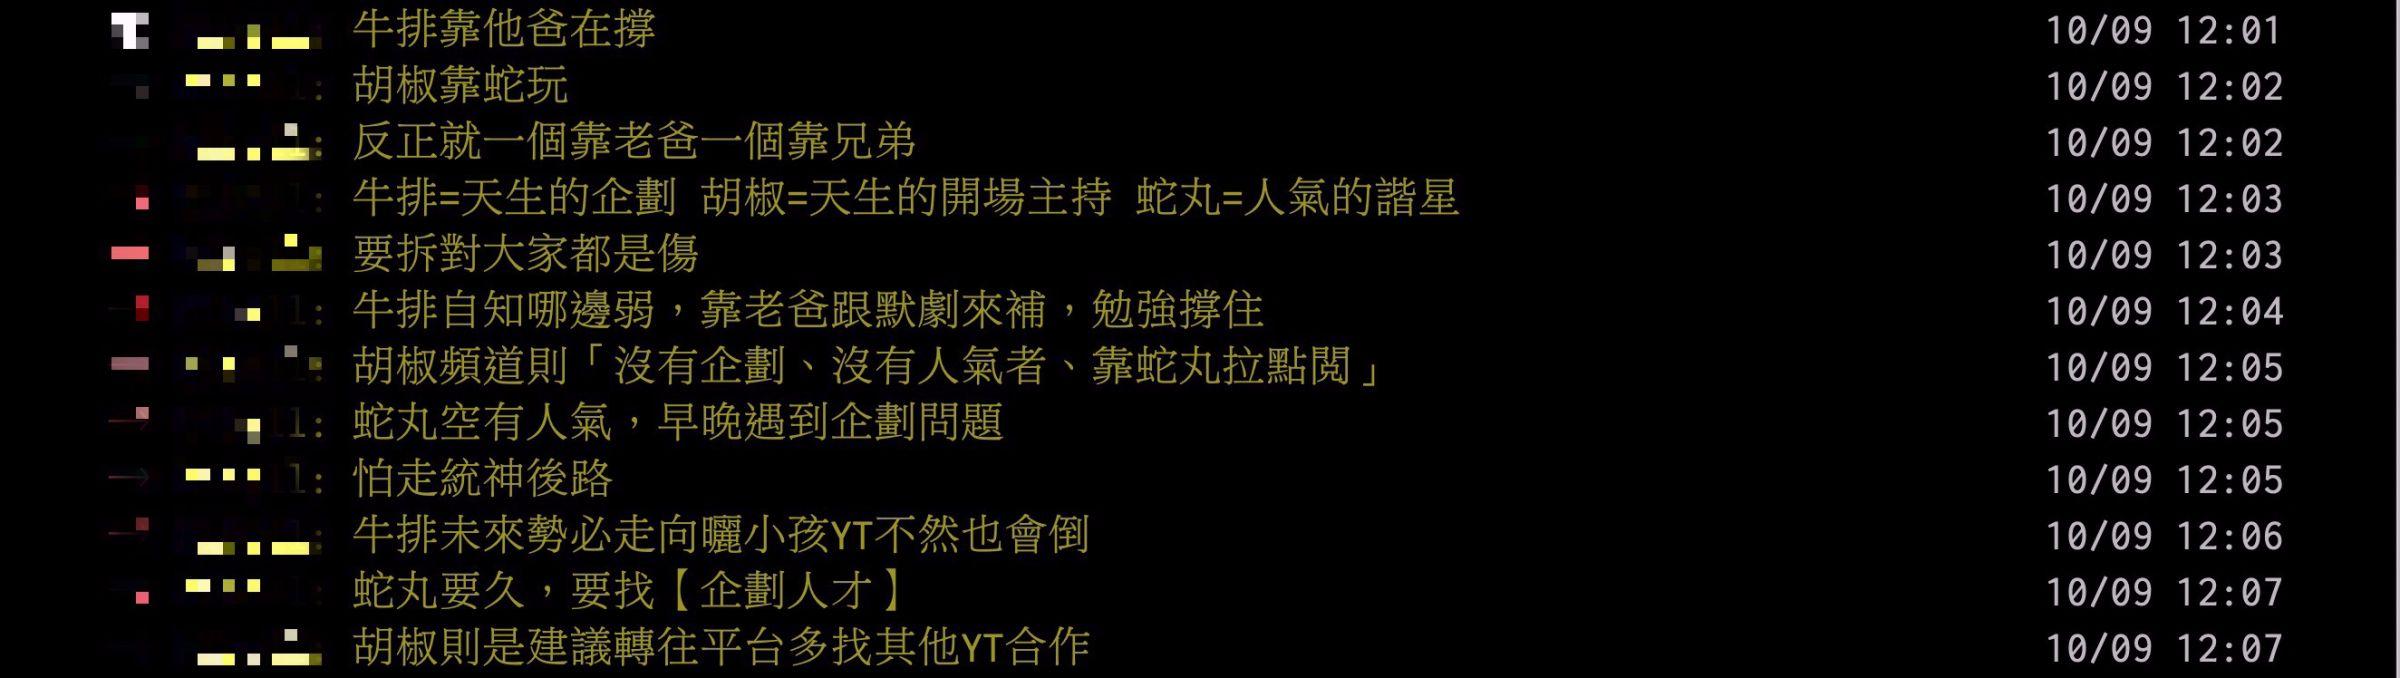 《木曜》新影片見蛇丸身影!網問:為何不找牛排? 神人解析「狠愛演」三人優劣